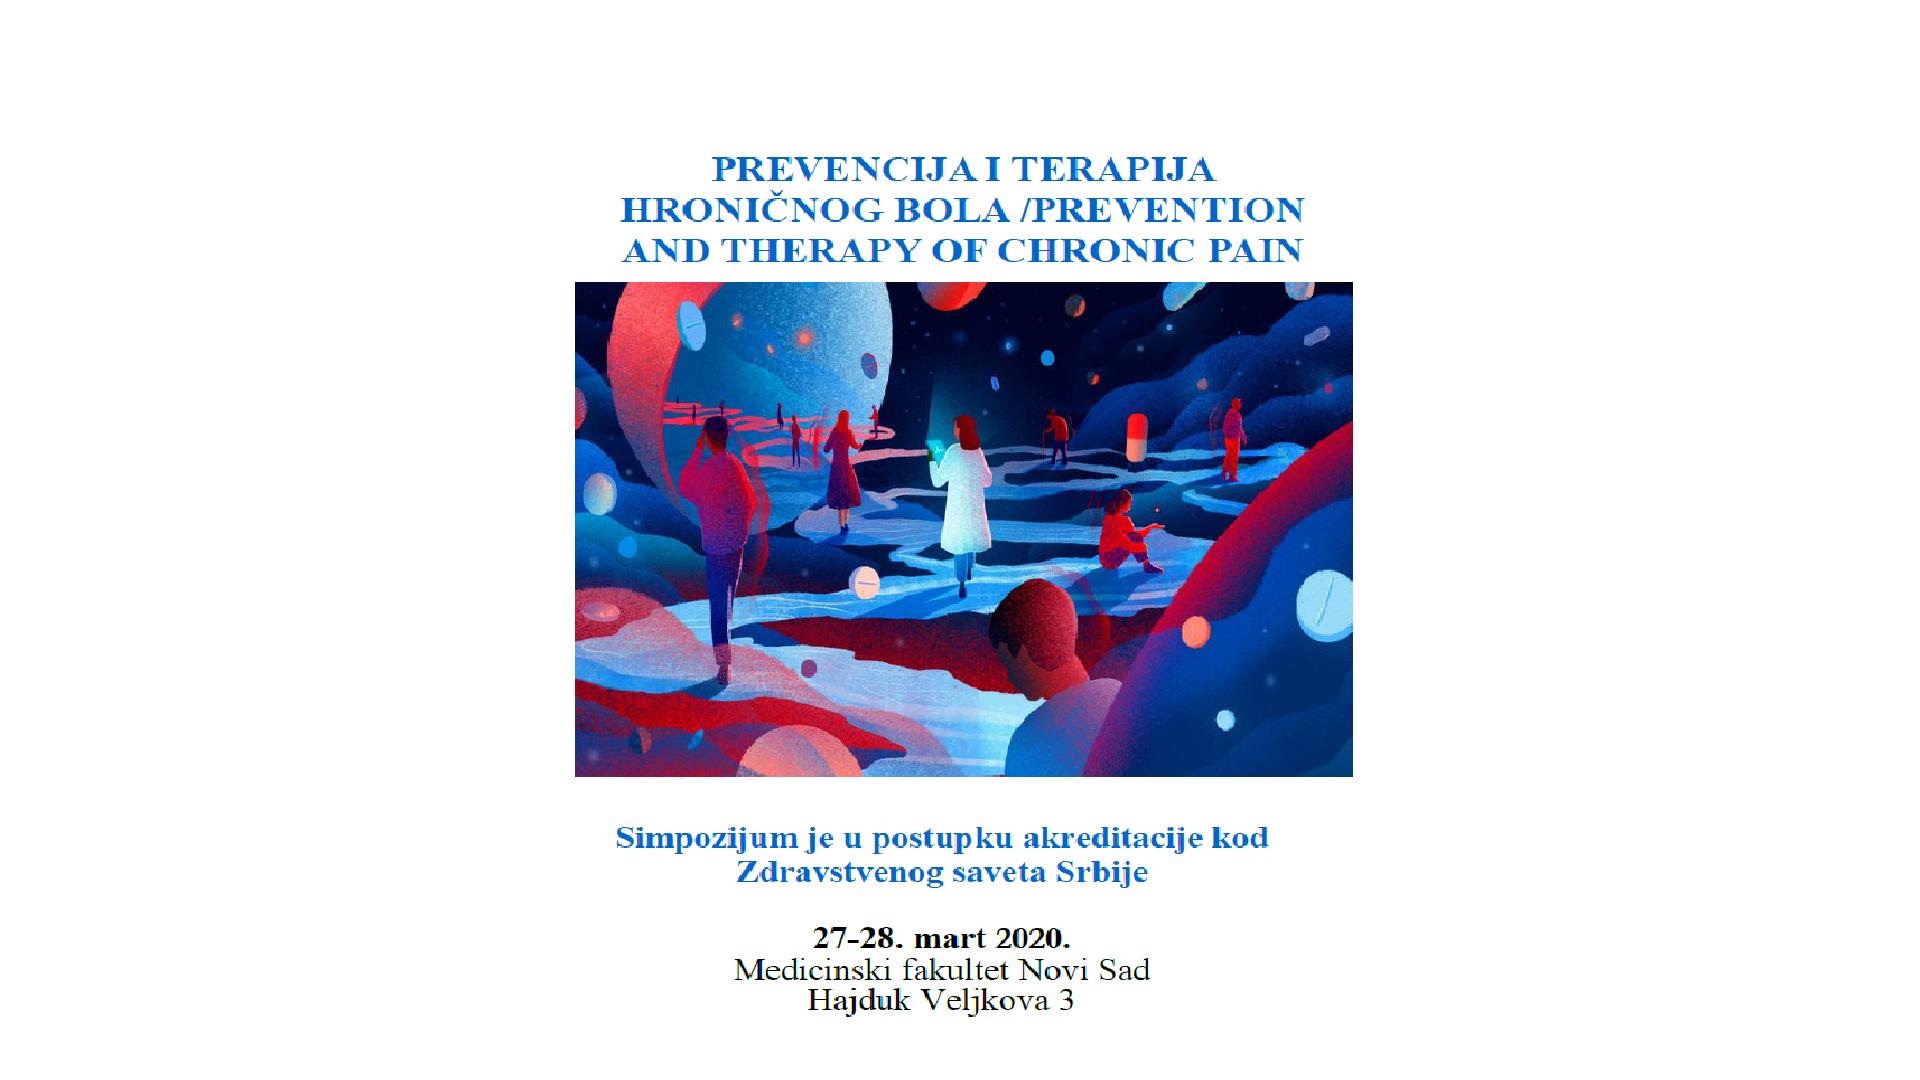 PREVENCIJA I TERAPIJA HRONIČNOG BOLA / 02-03 Oktobar 2020, Novi Sad